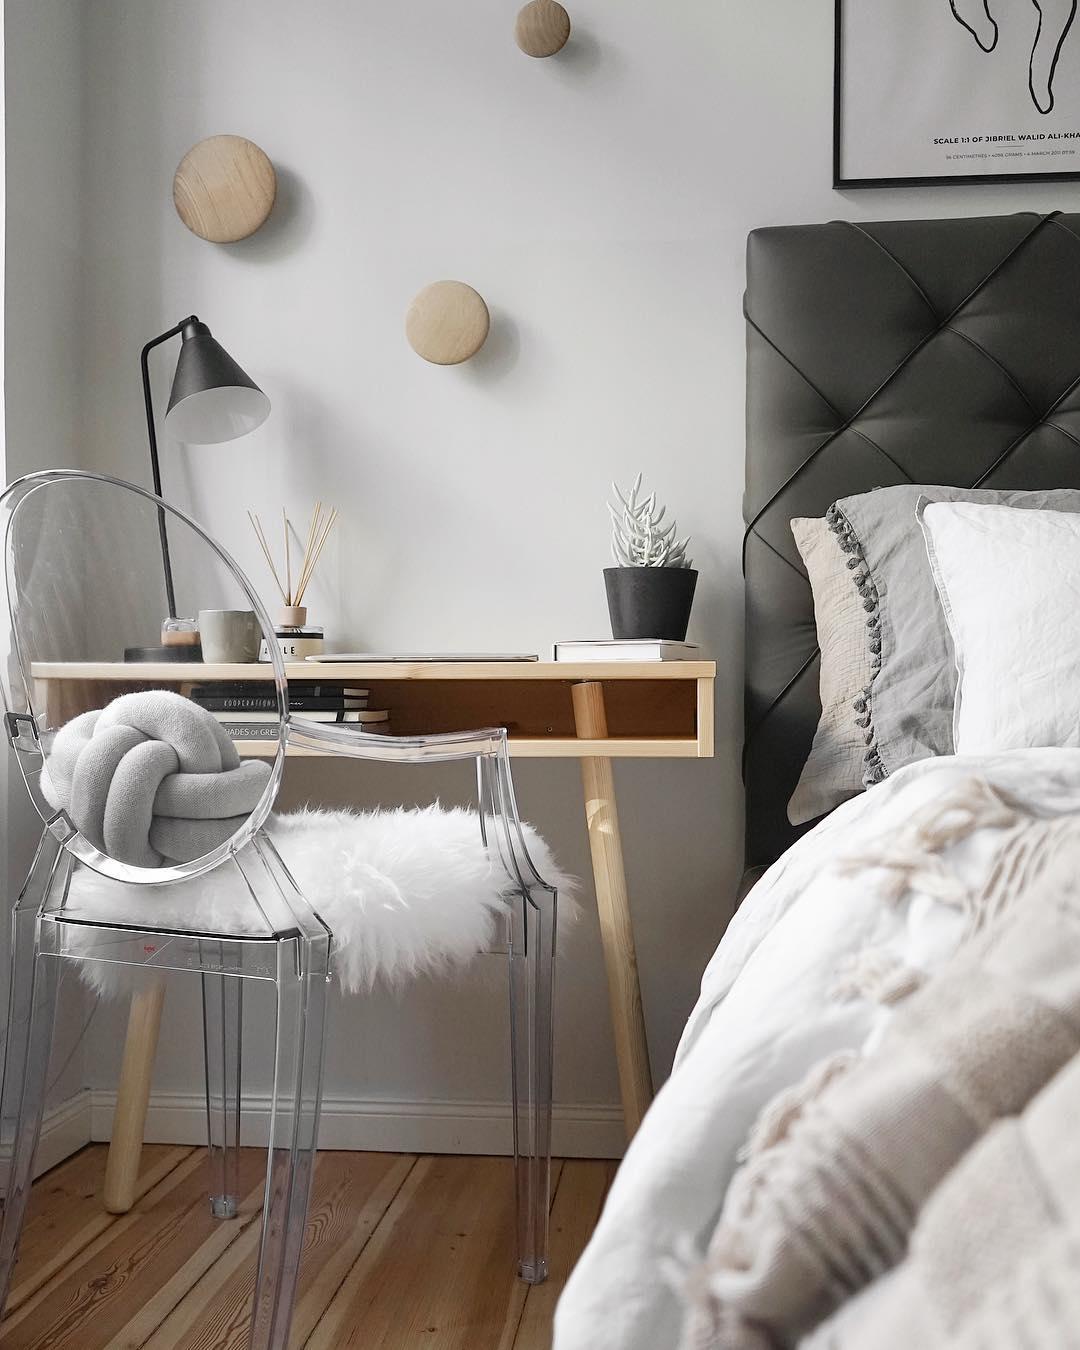 couleur pastel chambre parent bureau chaise transparente coussin fourrure blanche table bois - blog déco - clem around the corner